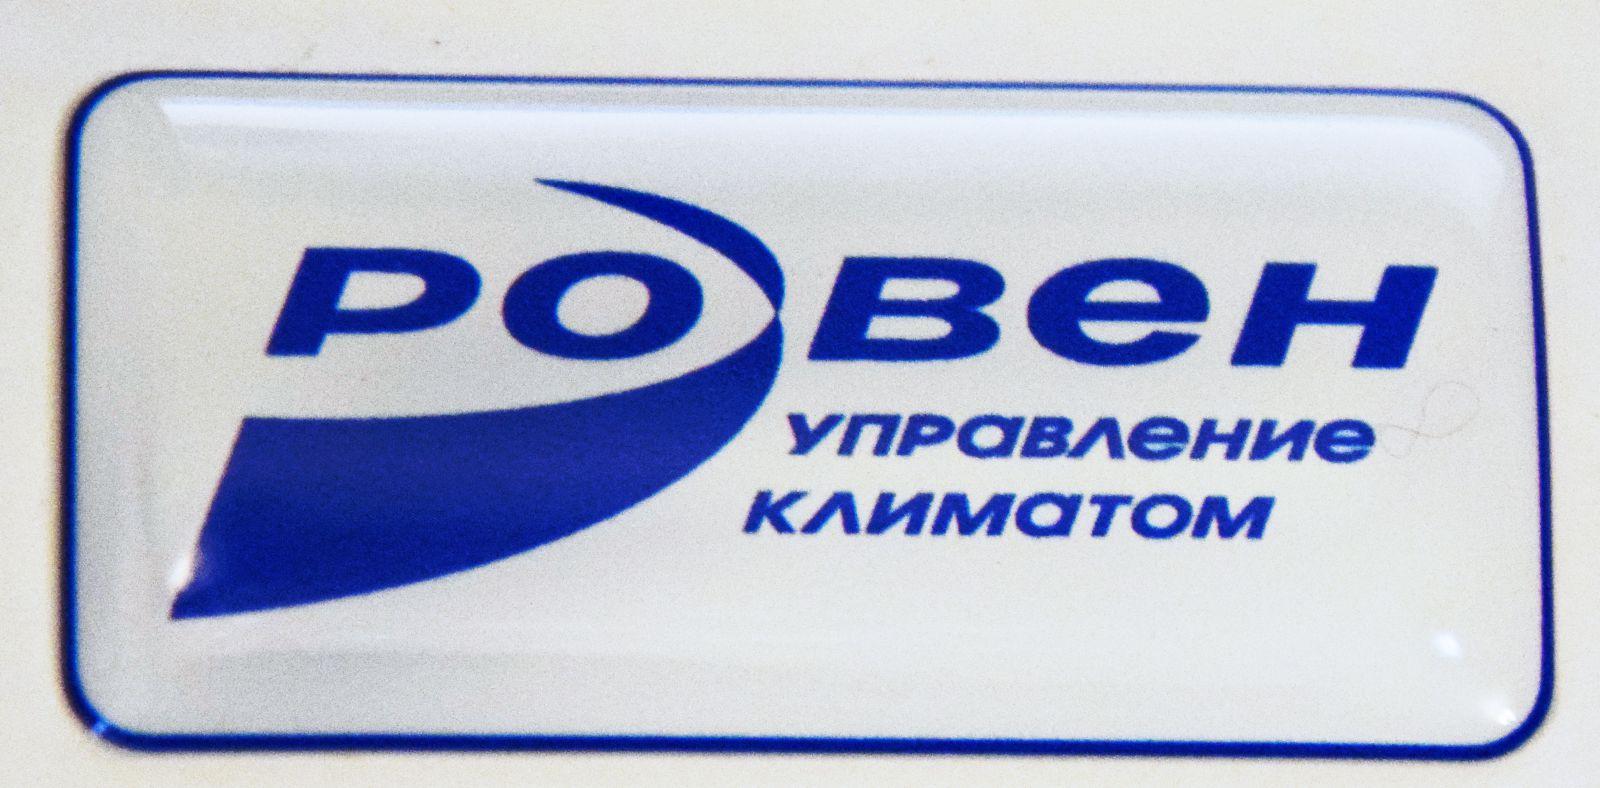 Мы производим объемные этикетки в Ростове-на-Дону.